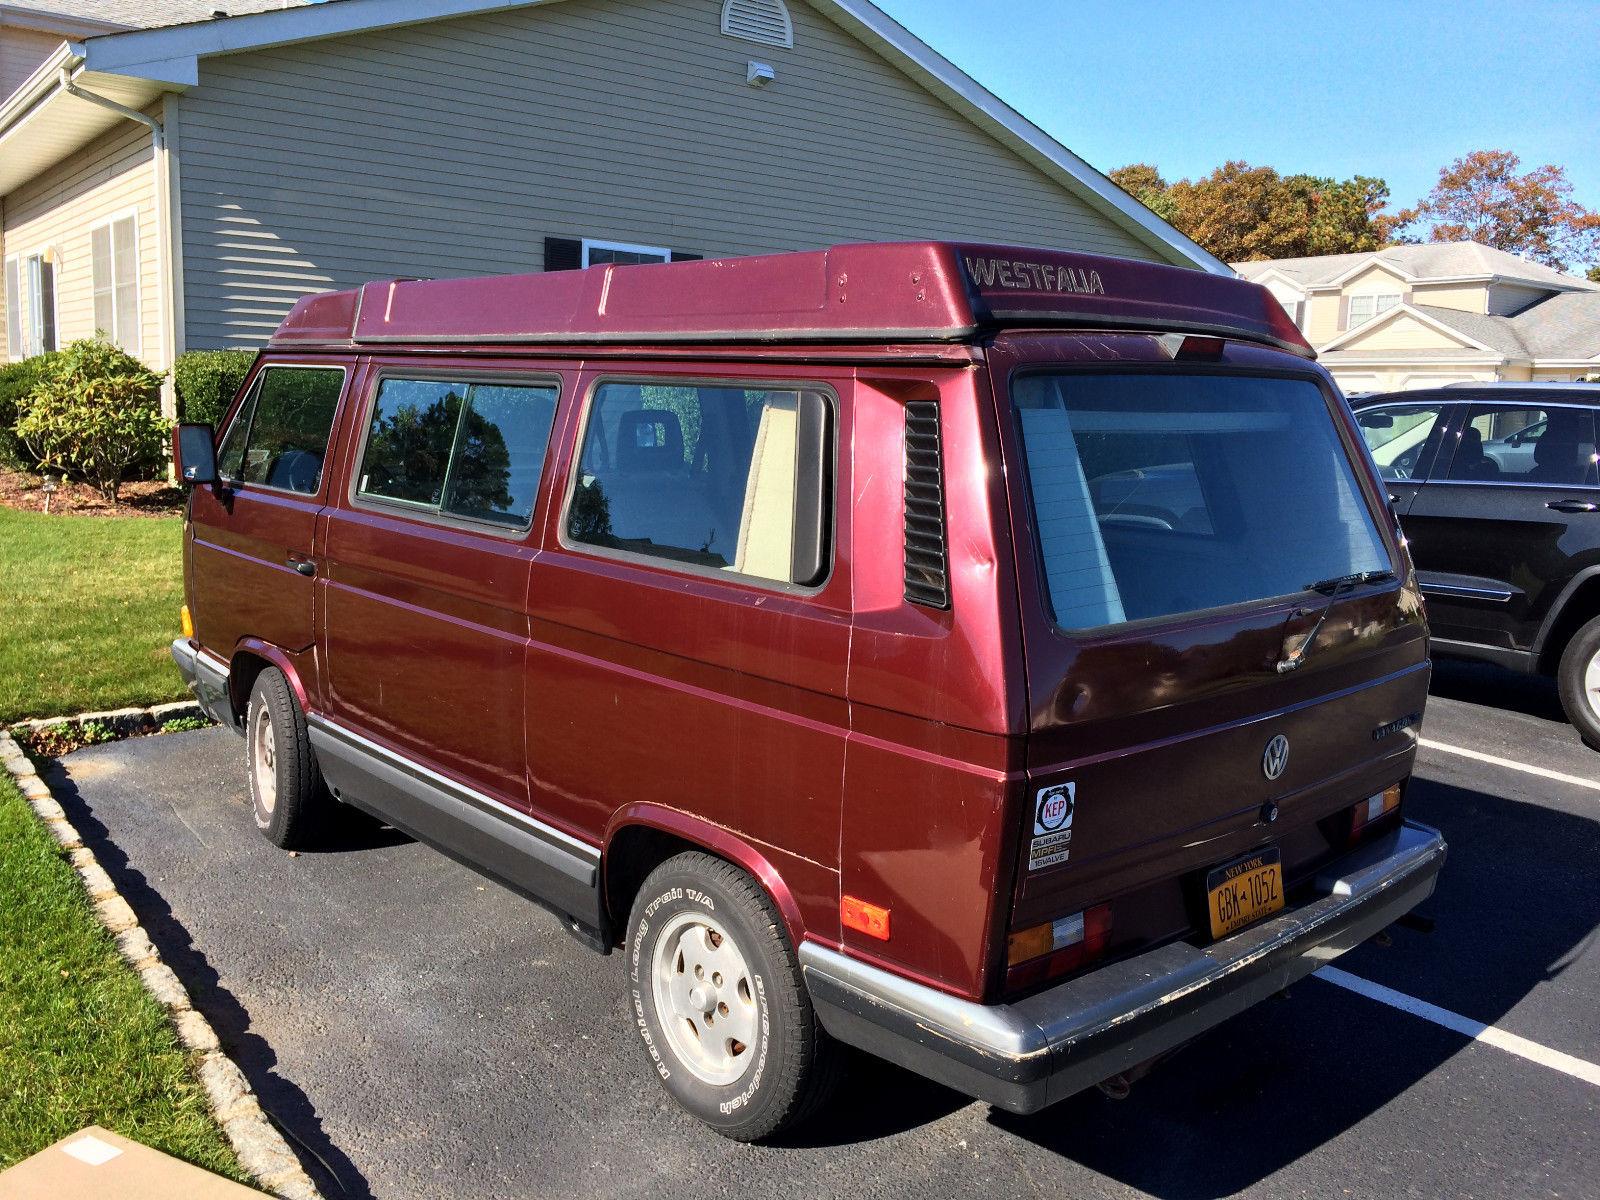 1988 Westfalia Full Camper w/ Subaru 2.2 - $9,500